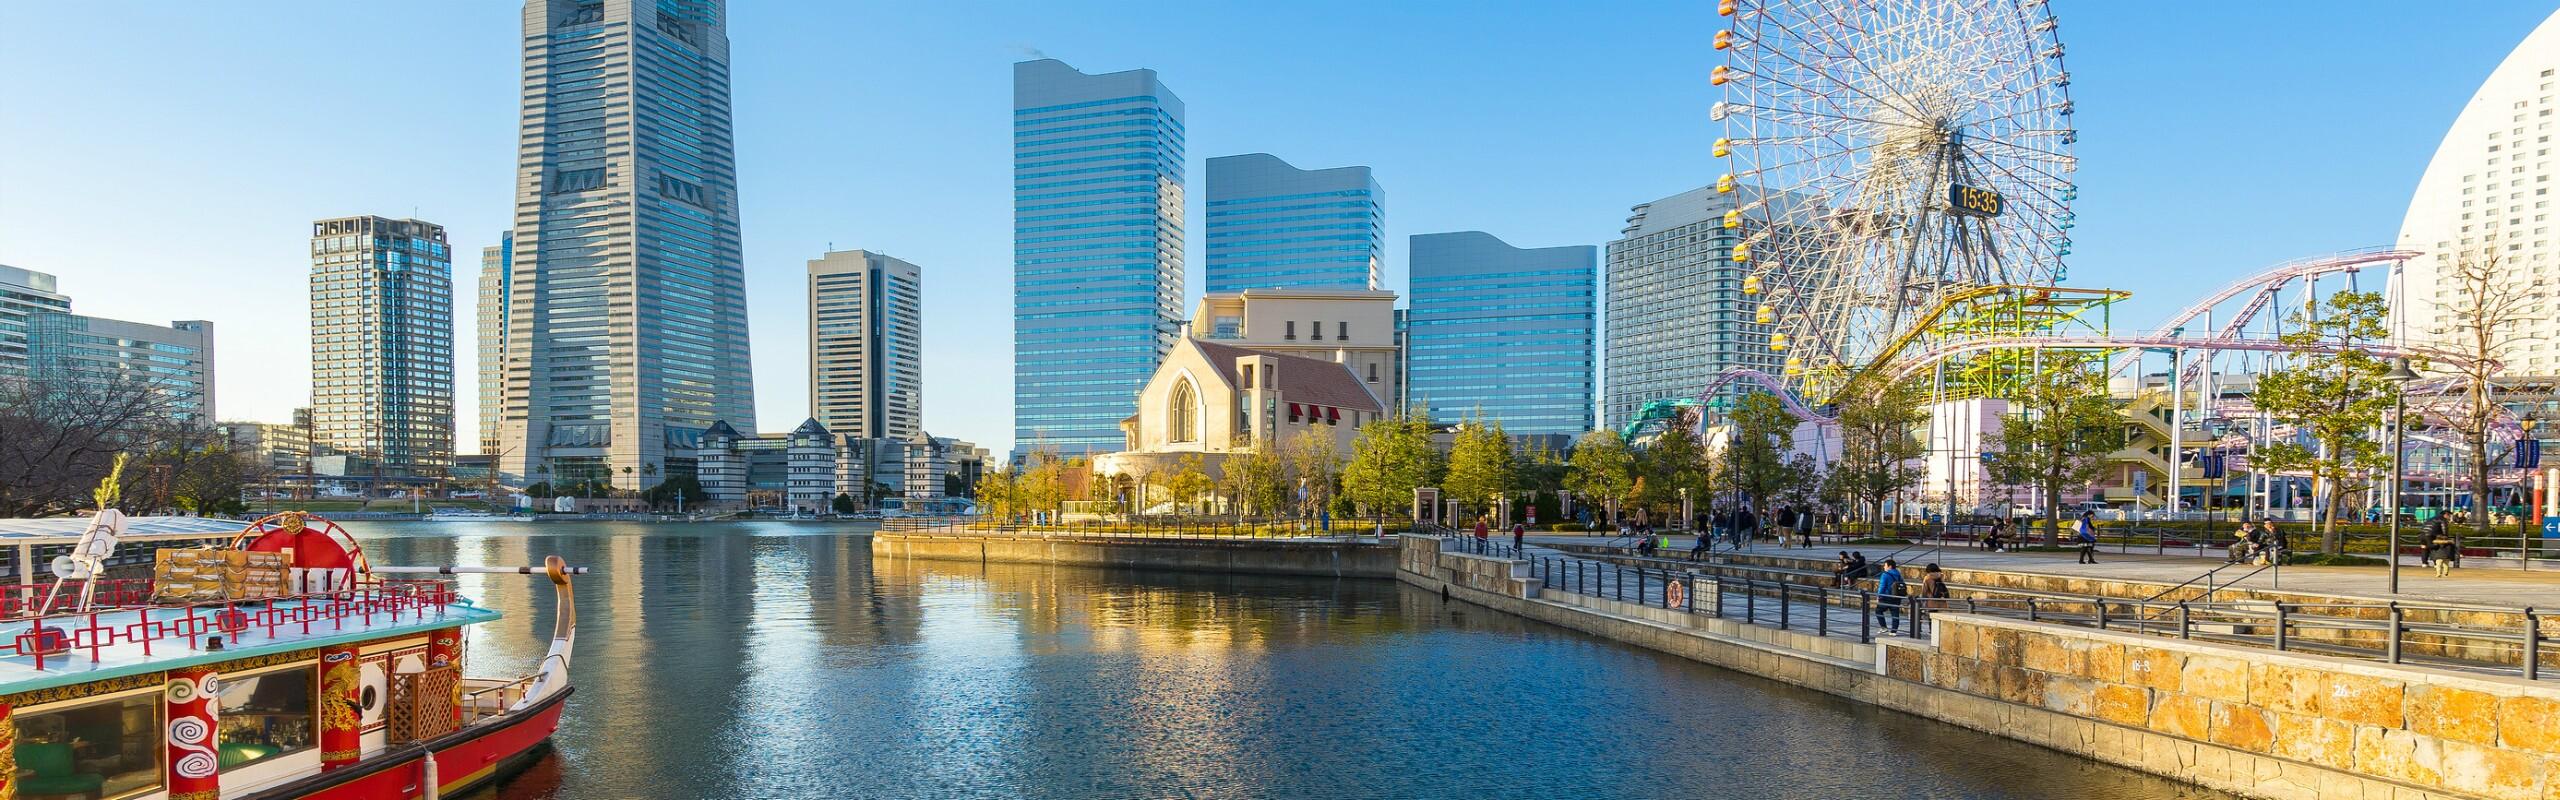 Yokohama Travel Guide